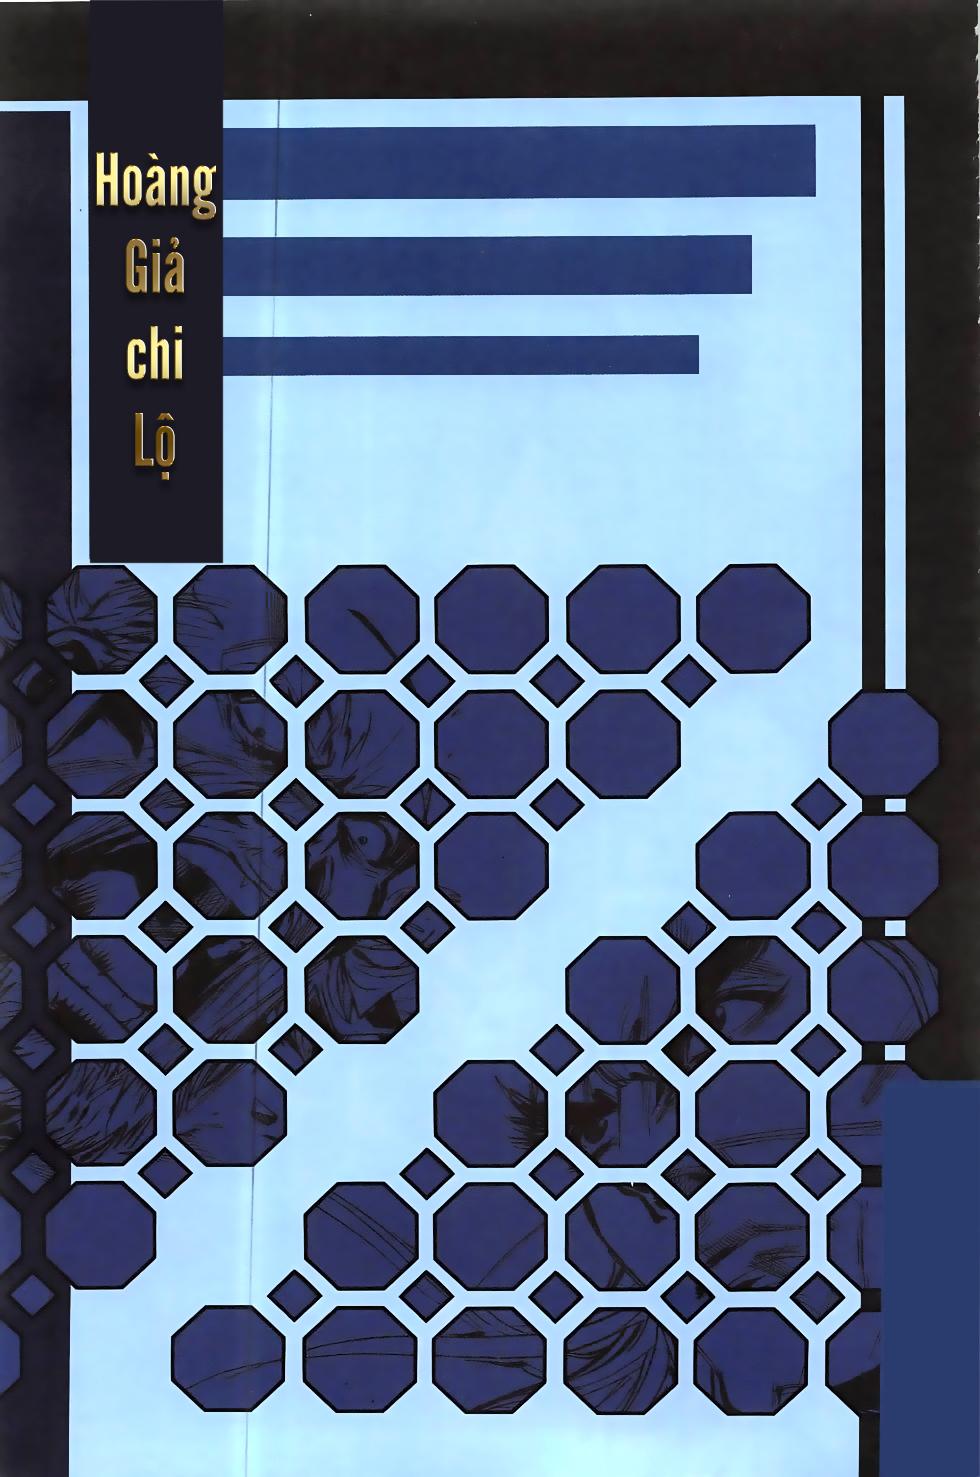 Hoàng Giả Chi Lộ Chap 3.1 - Next Chap 4